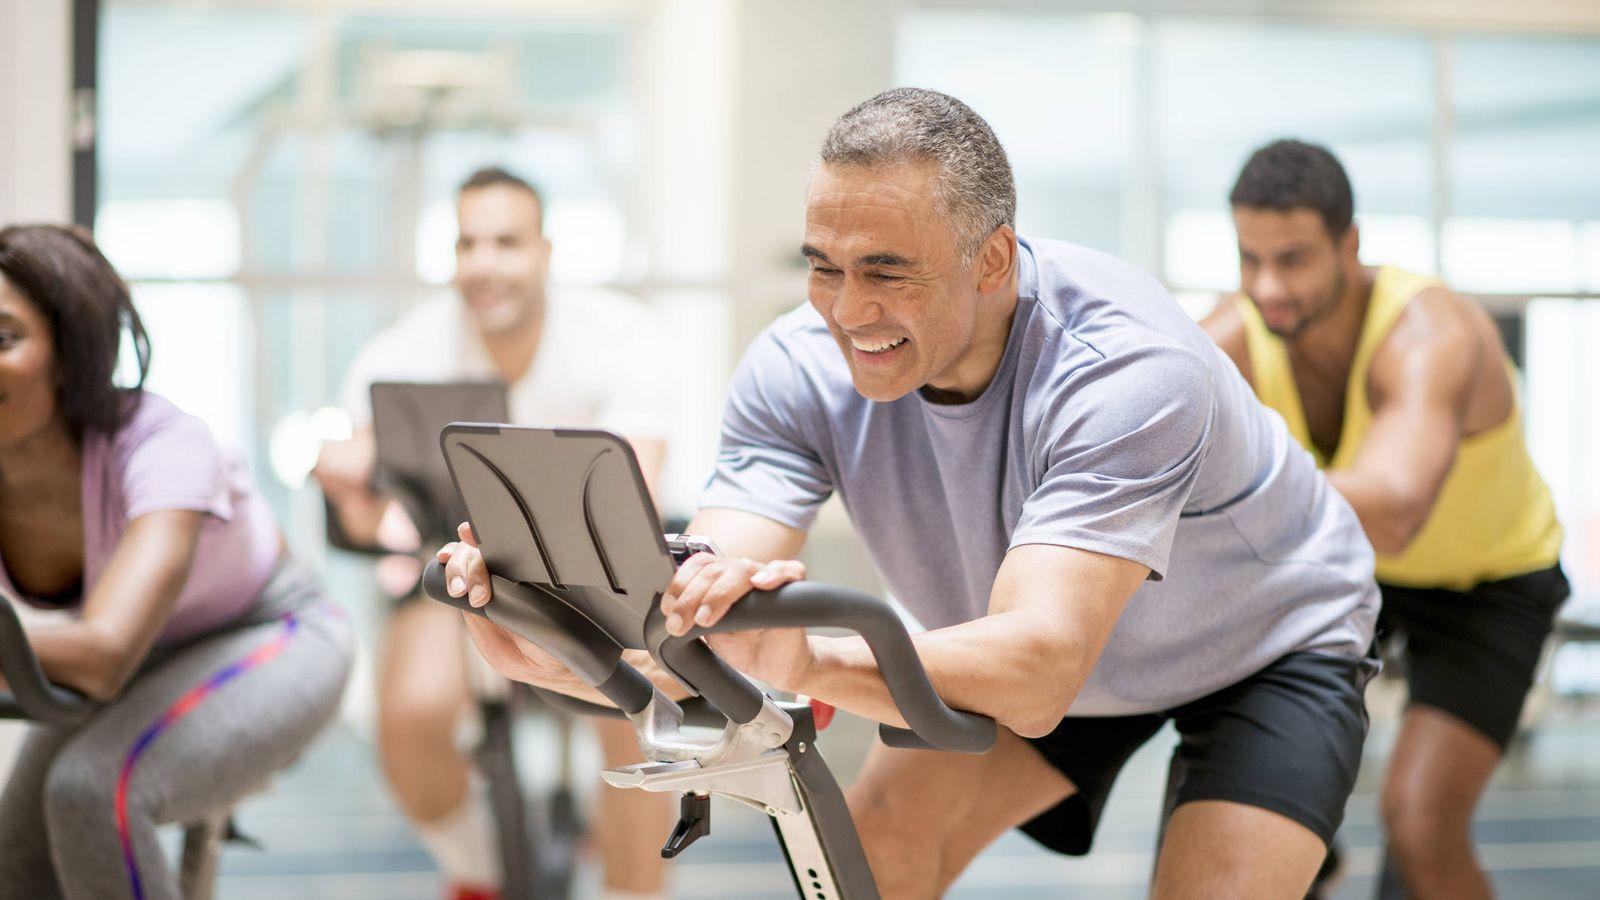 Foto: Bici en el gimnasio. (iStock)